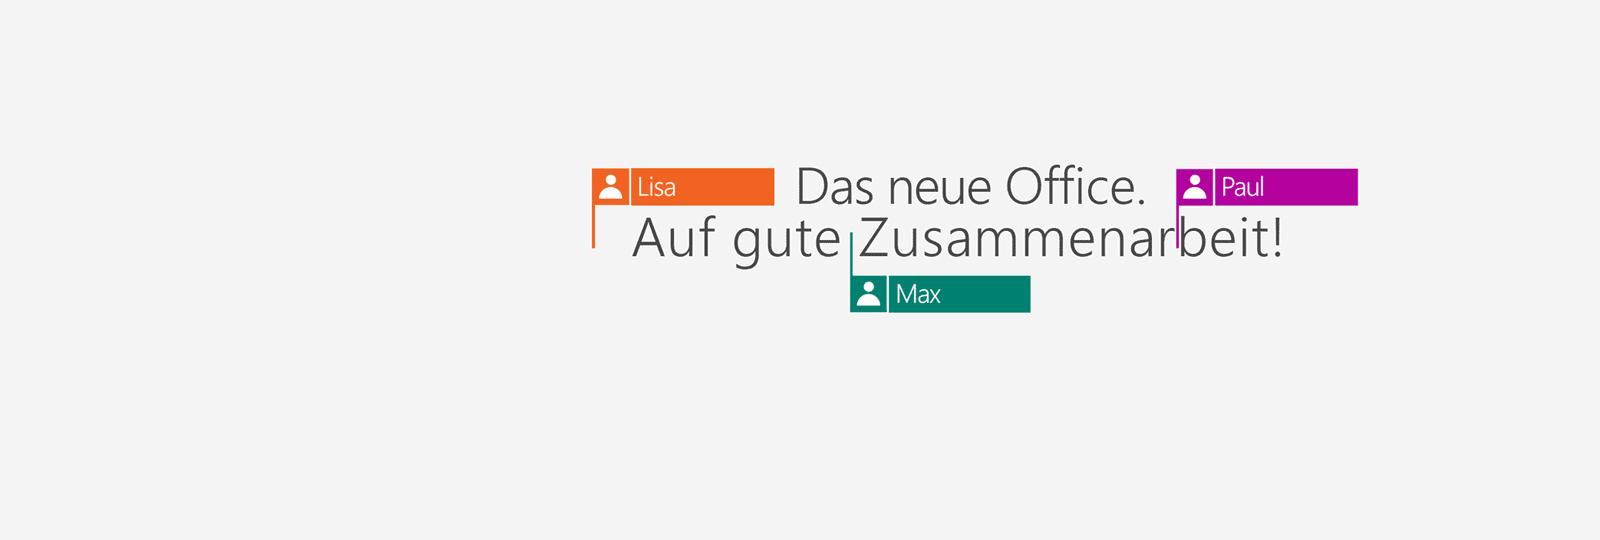 Kaufen Sie Office 365 und erhalten Sie die neuen Office 2016 Apps.